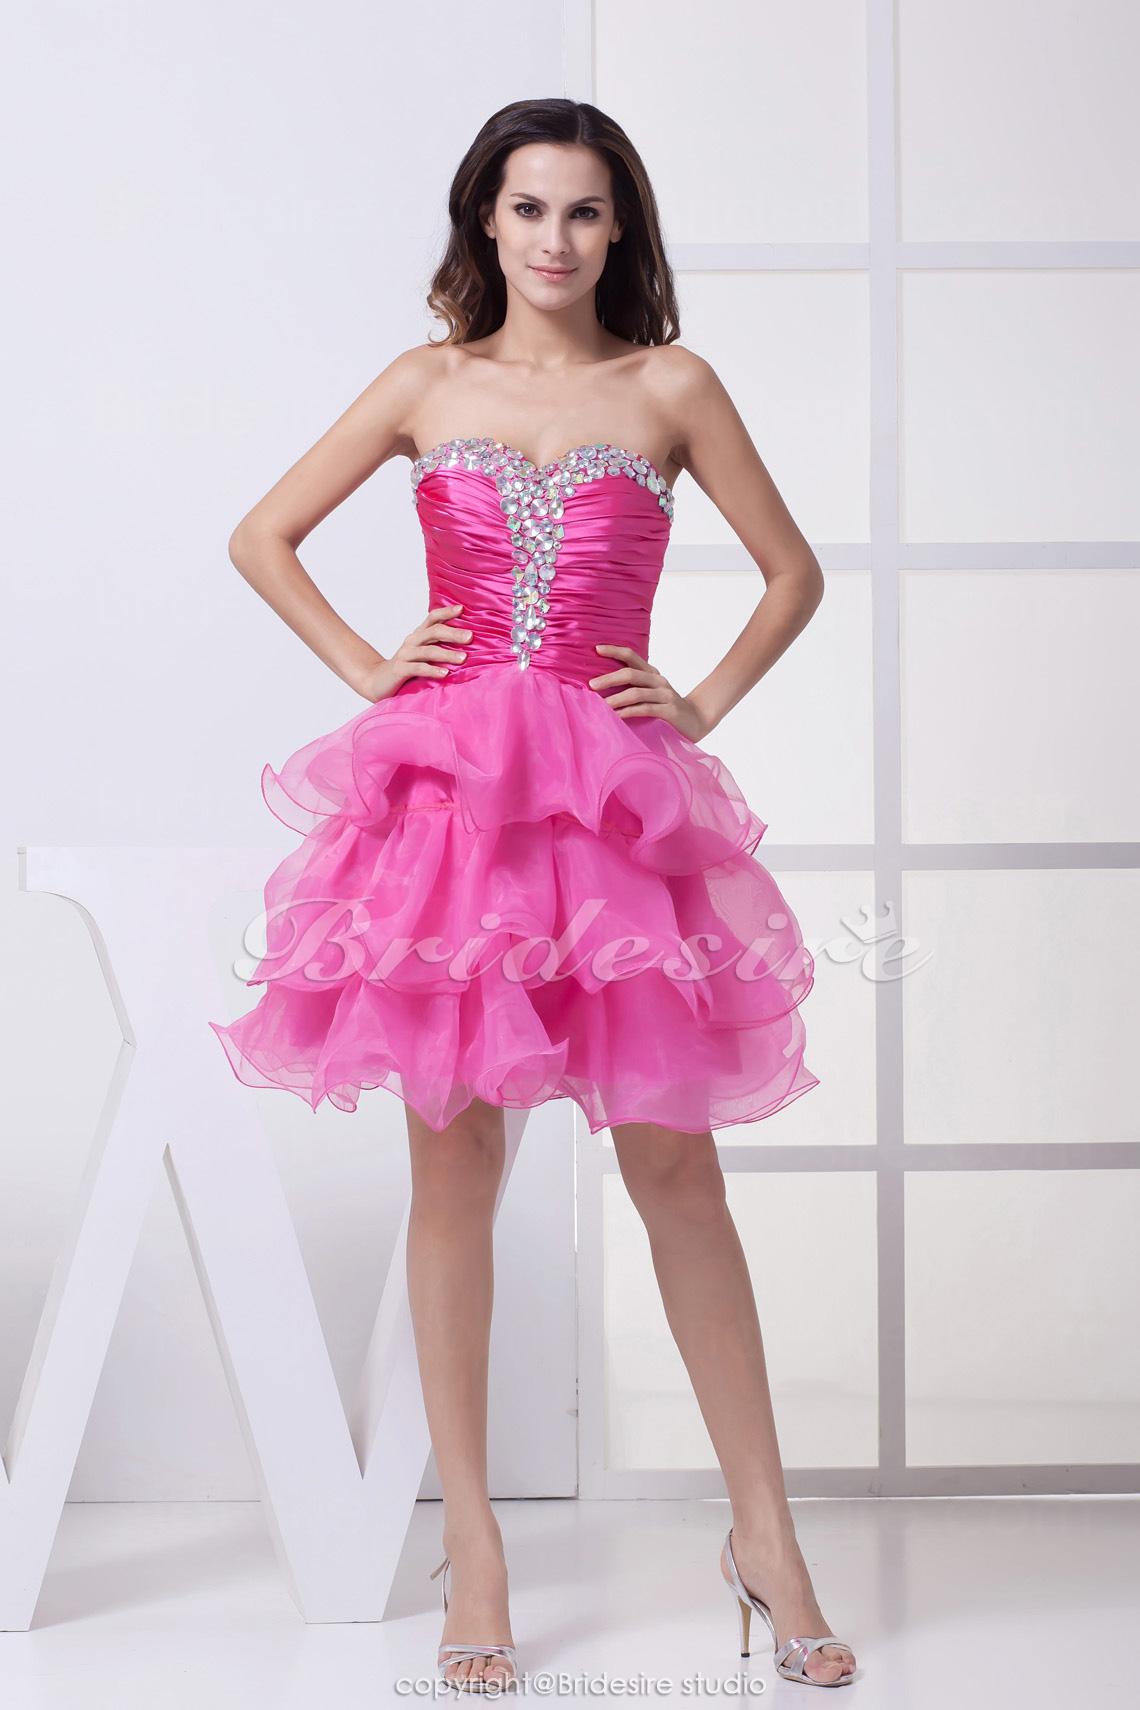 b8dd3fc19 Bridesire - Corte Princesa Escote Corazón Corto Mini Sin Mangas Tramo Satén  Organza Vestido  BD4384  - €78.91   Bridesire